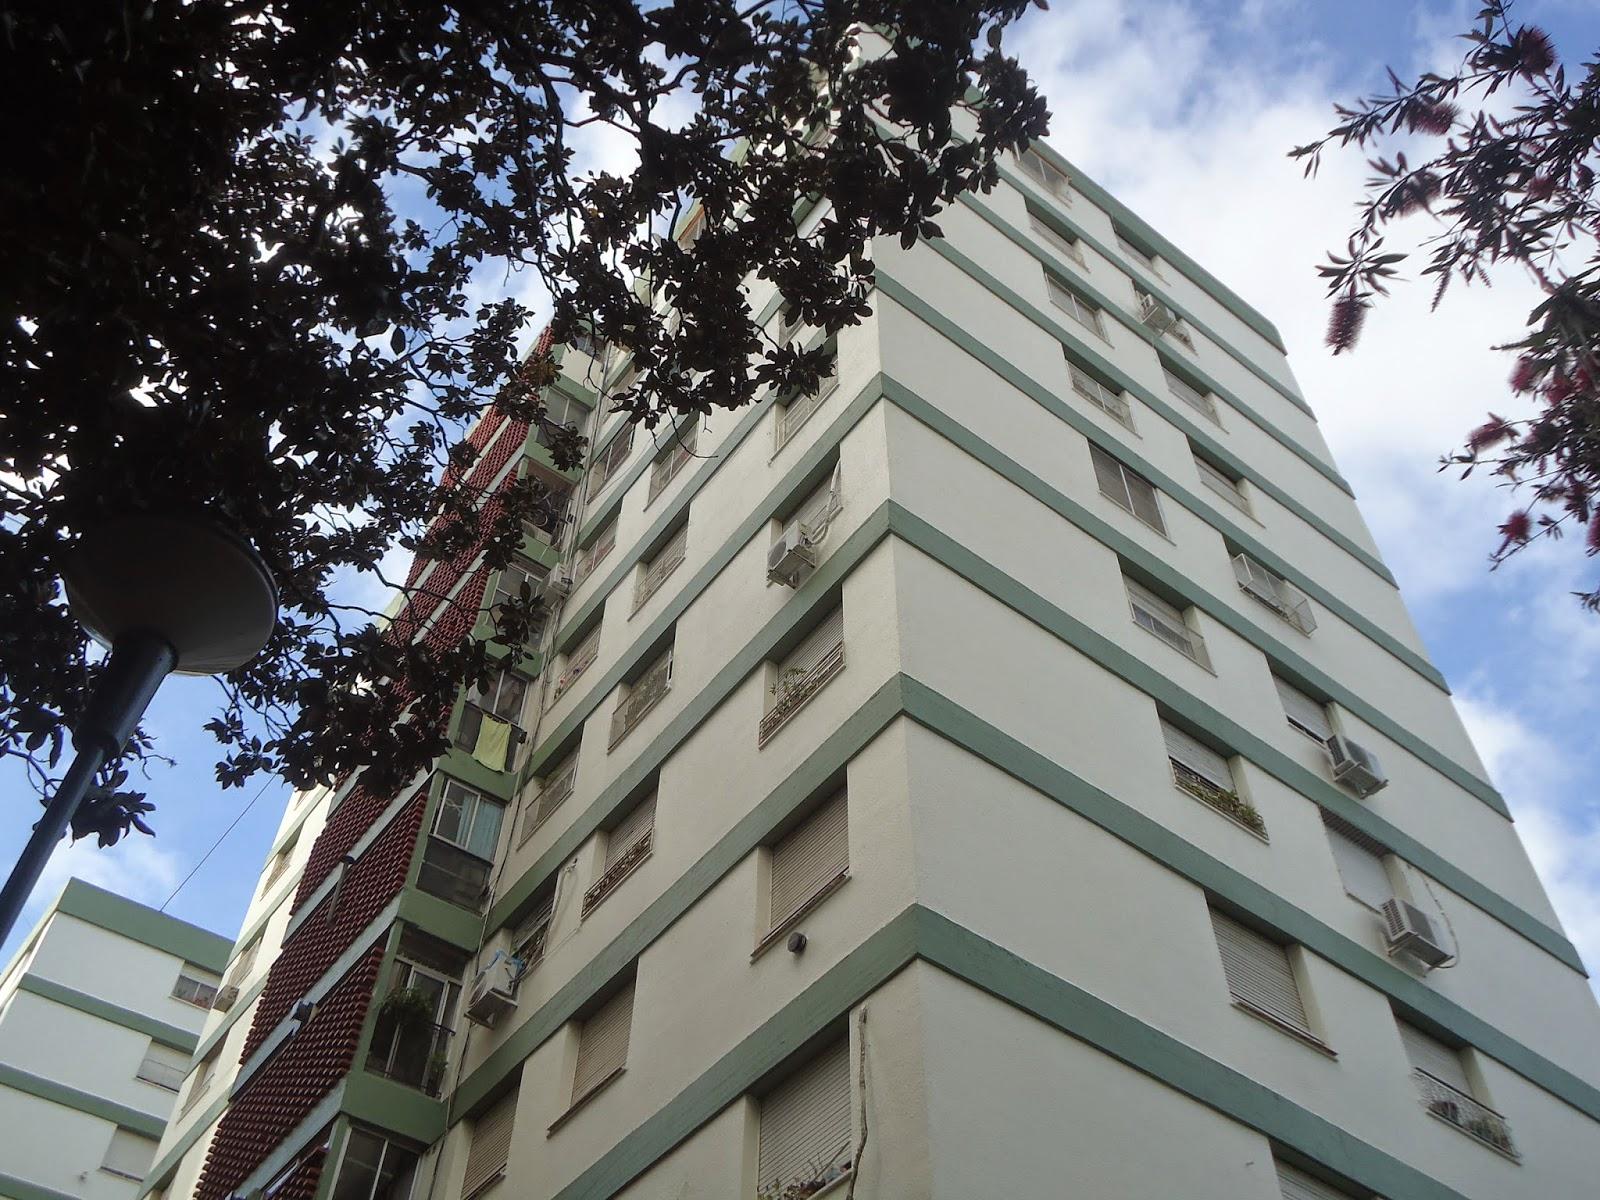 Impermeabilizacion de terrazas y techos con membranas.